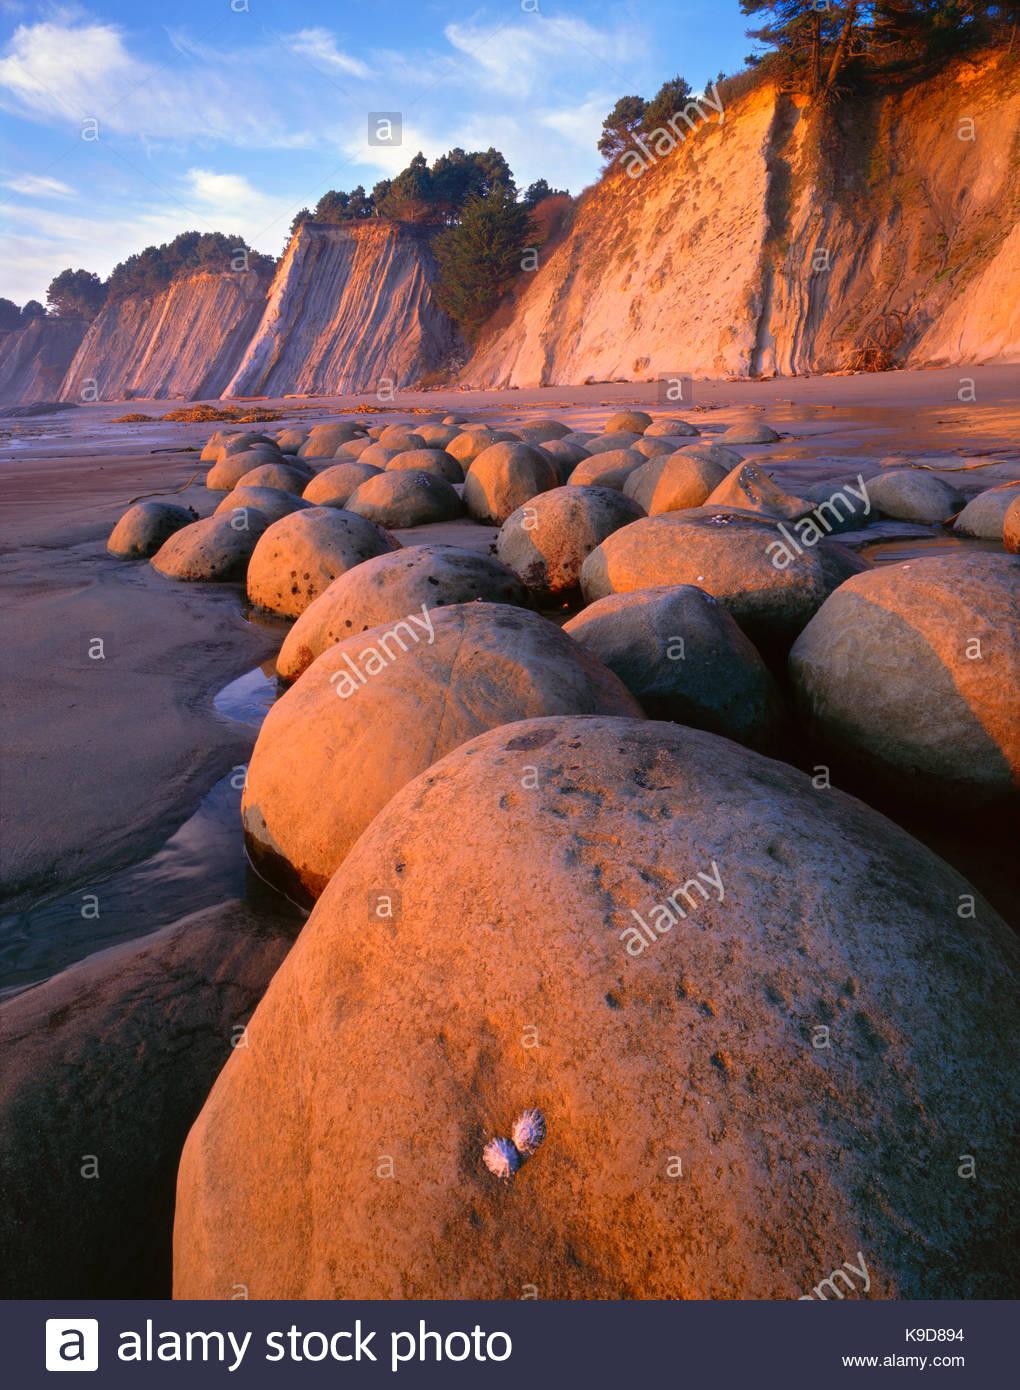 Atardecer en la playa de bola de boliche, Goleta Quebrada State Park, La Costa de Mendocino, California Imagen De Stock